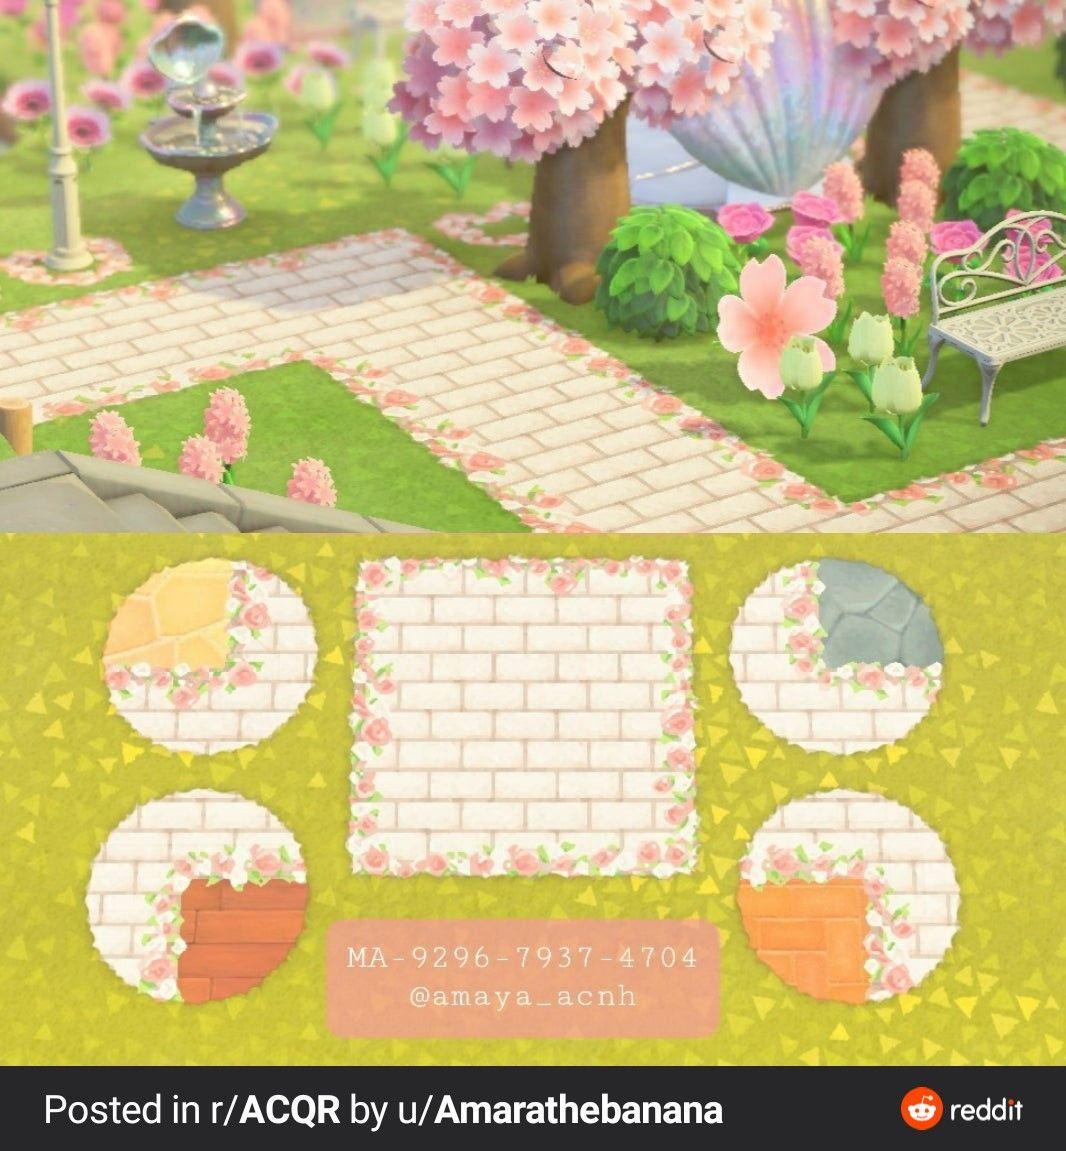 Pin By Chiseplushie On Animal Crossing Animal Crossing Animal Crossing 3ds Animal Crossing Characters